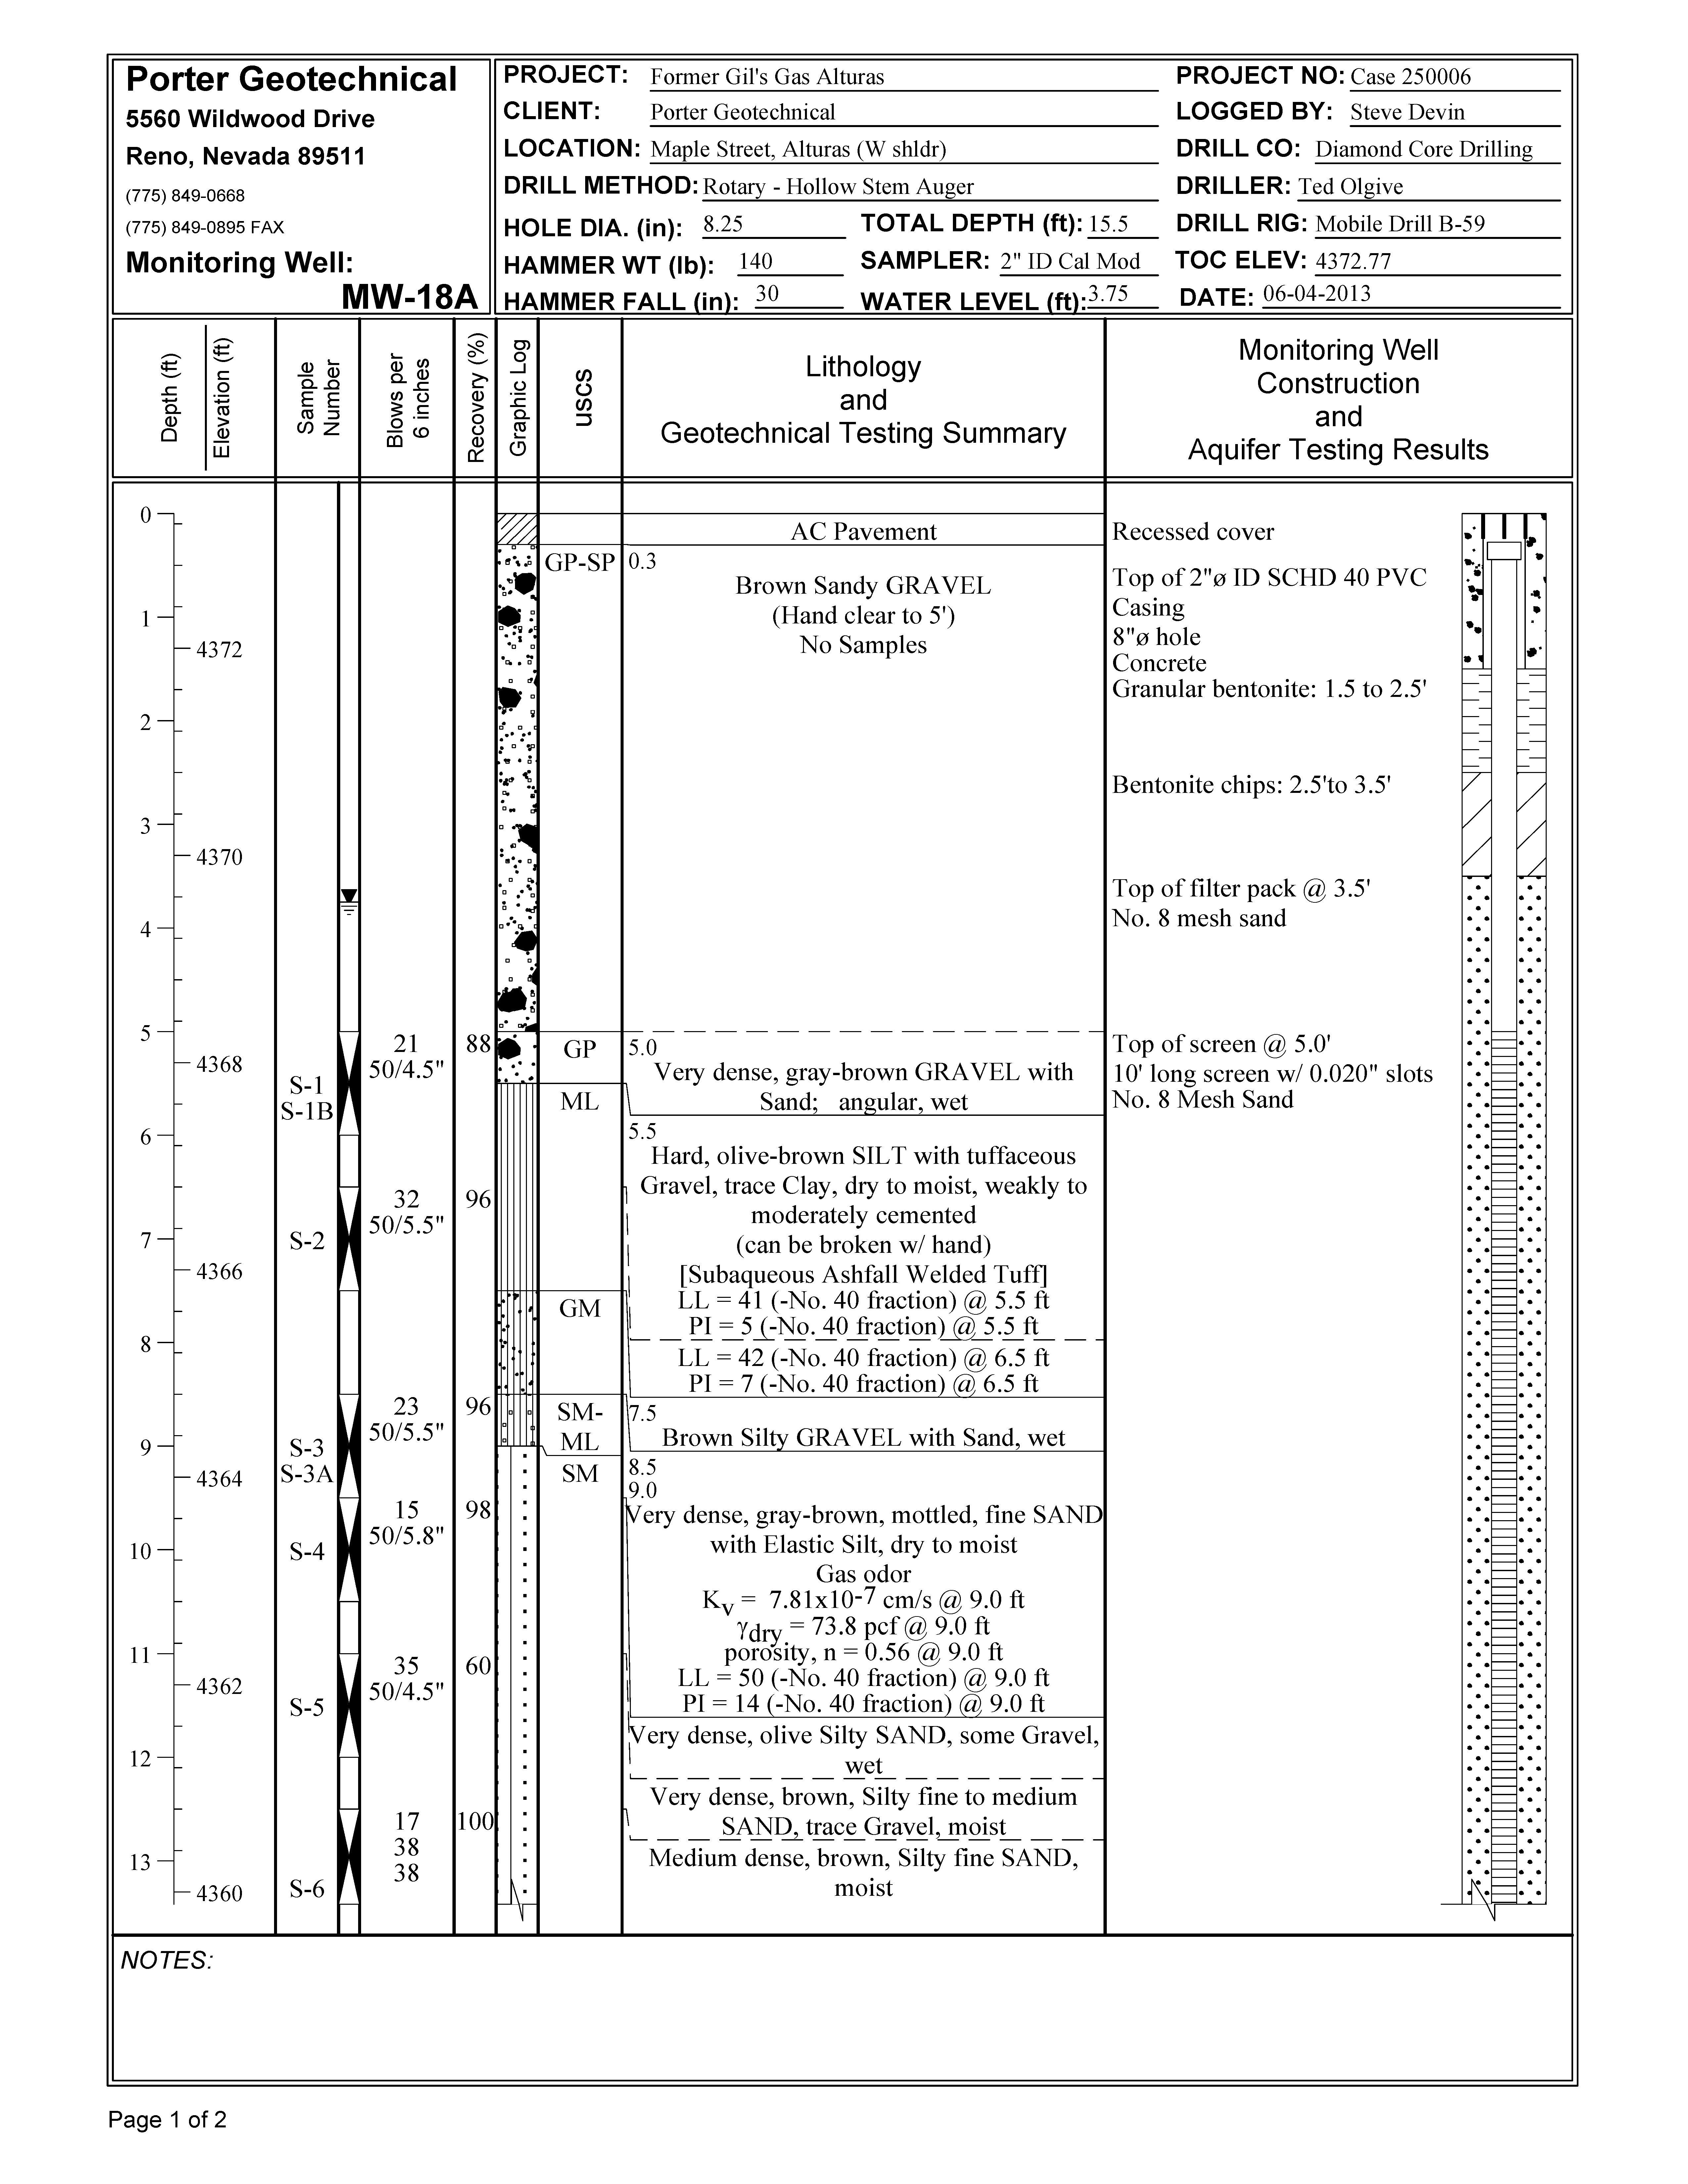 Appendix-1_Gils_Alturas_PORTER_FINAL_LOGS_08-09-13_Page_01